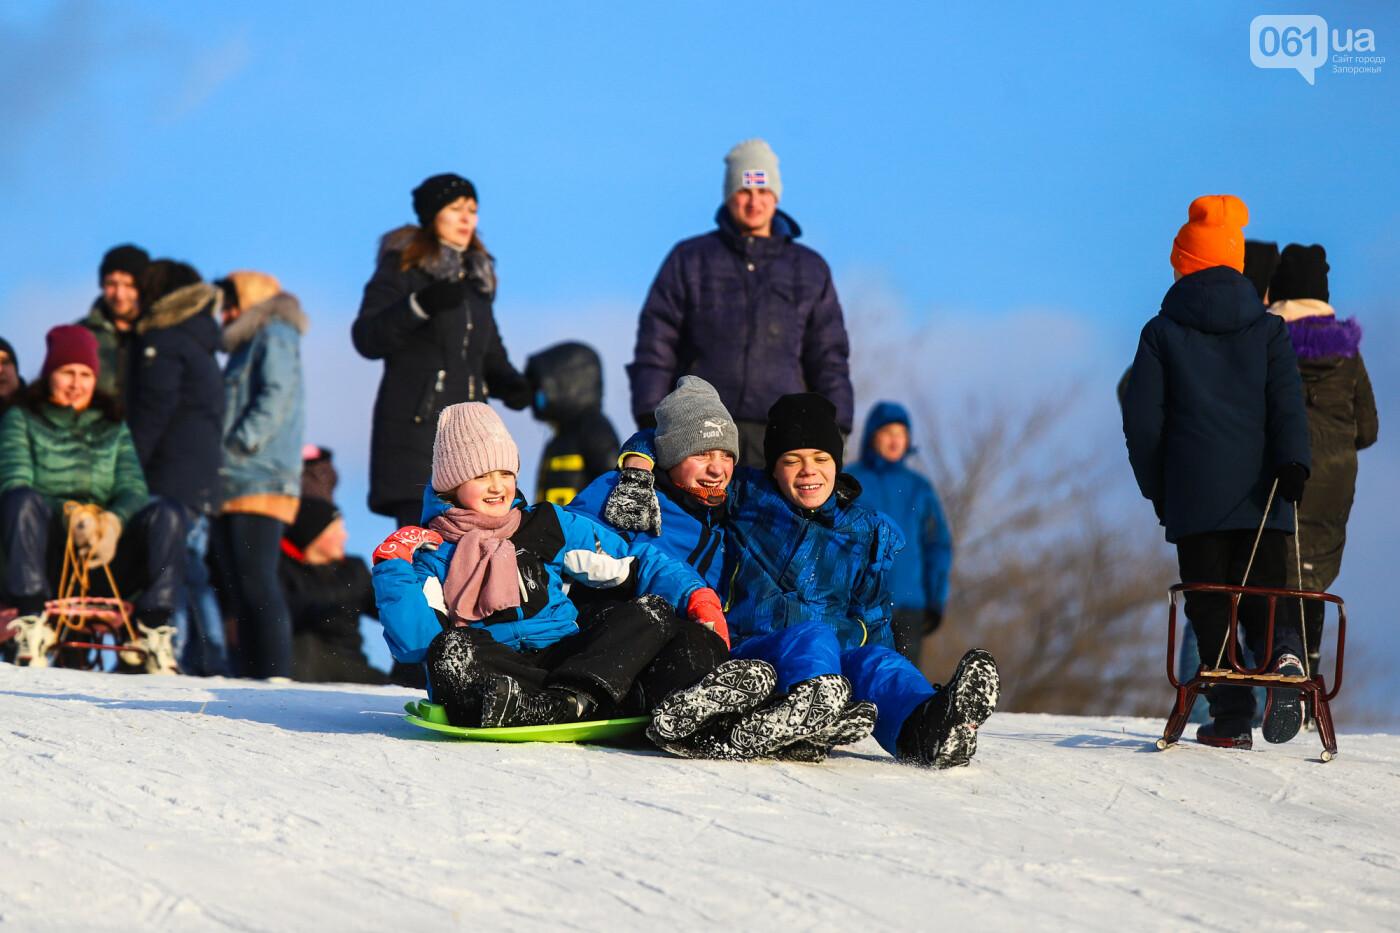 На санках, лыжах и сноуборде: запорожцы устроили массовое катание с горок в Вознесеновском парке, - ФОТОРЕПОРТАЖ, фото-53